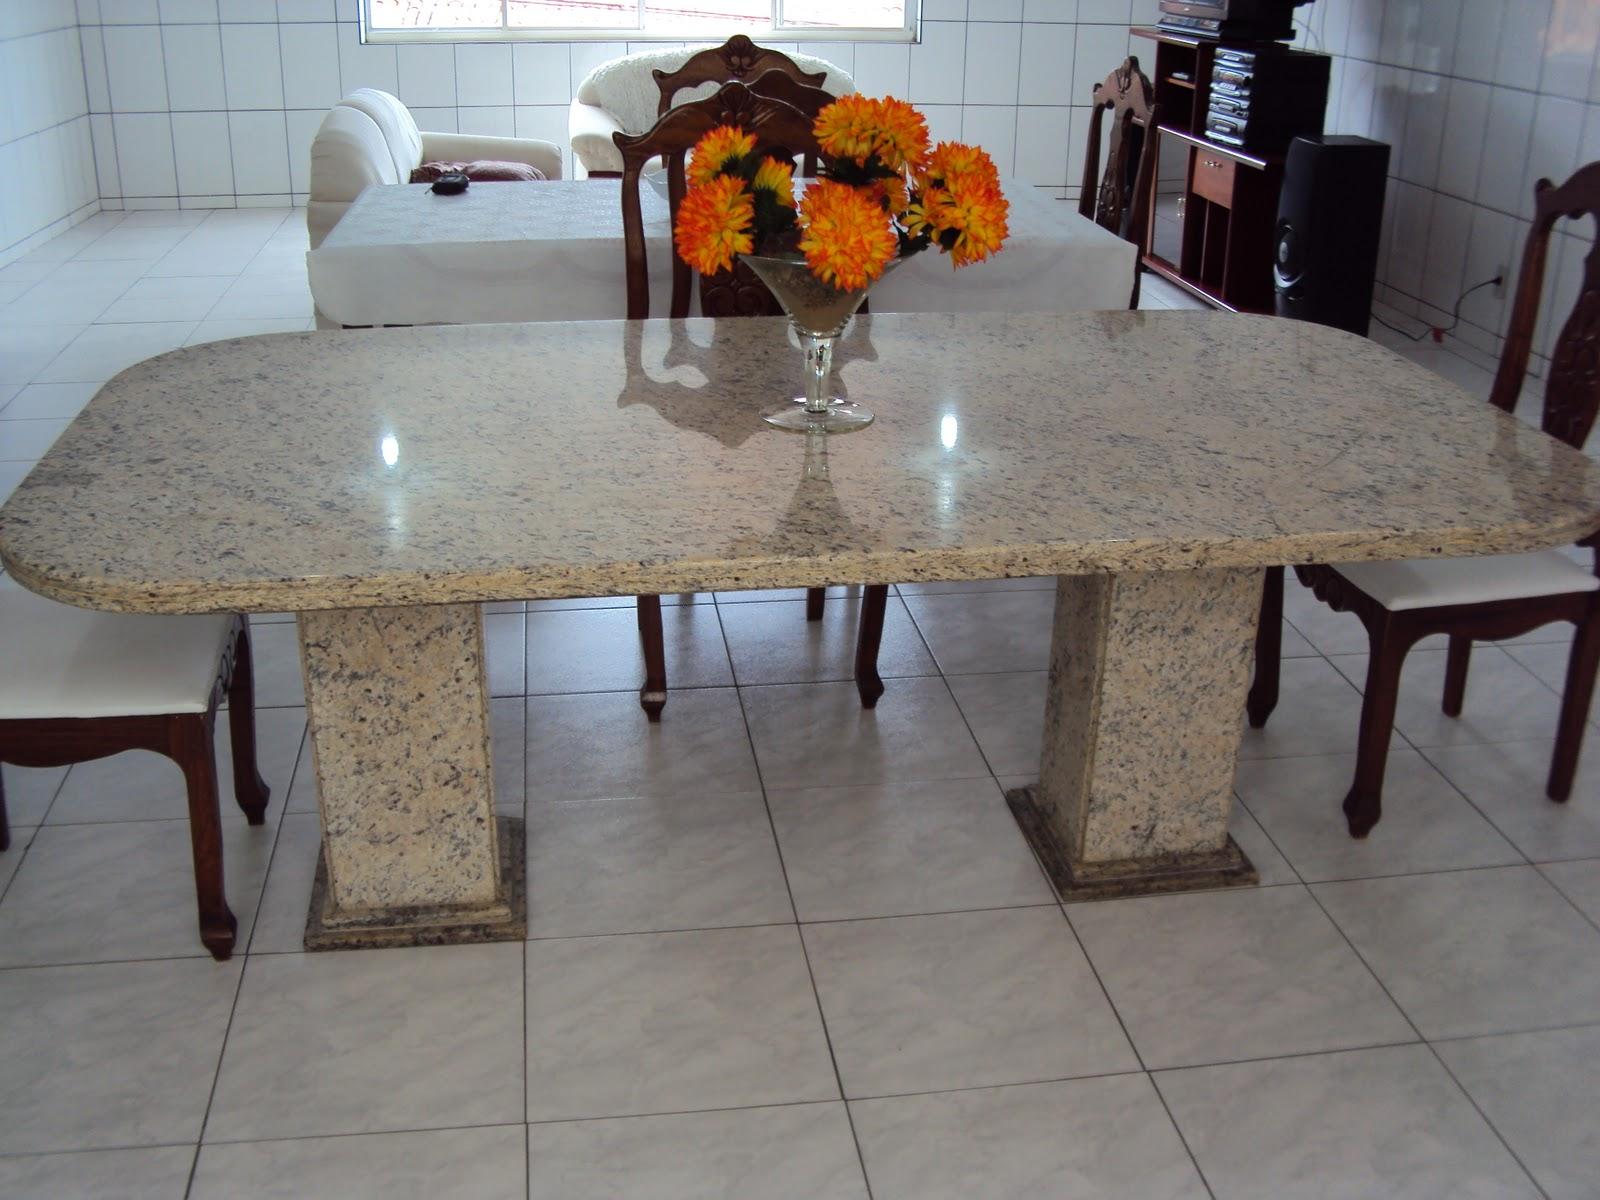 Cozinha Com Mesa De Marmore Cozinha Clean E Rstica Com Mesa De  -> Sala De Jantar Pequena Com Mesa De Marmore